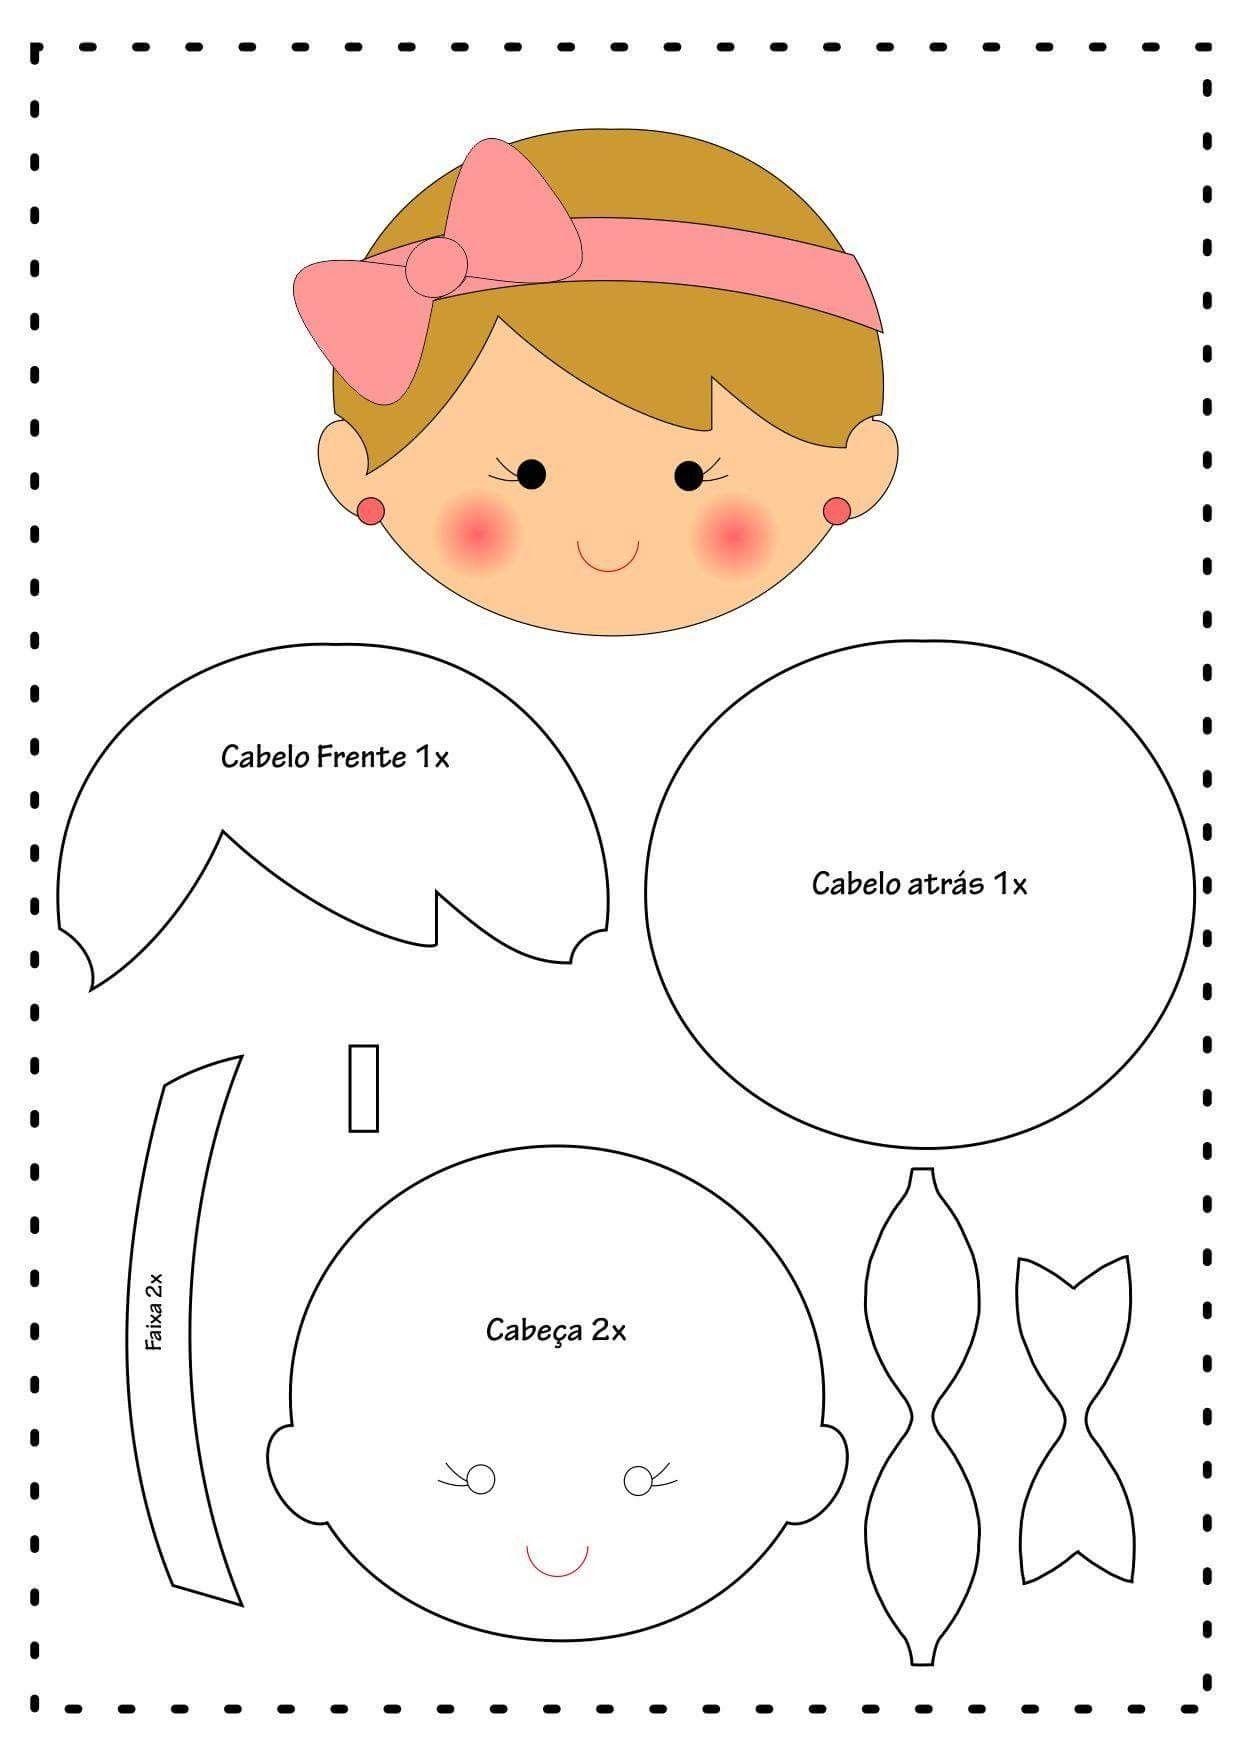 Pin de ju santos en moldes unicos | Pinterest | Molde, Fieltro y Bebe